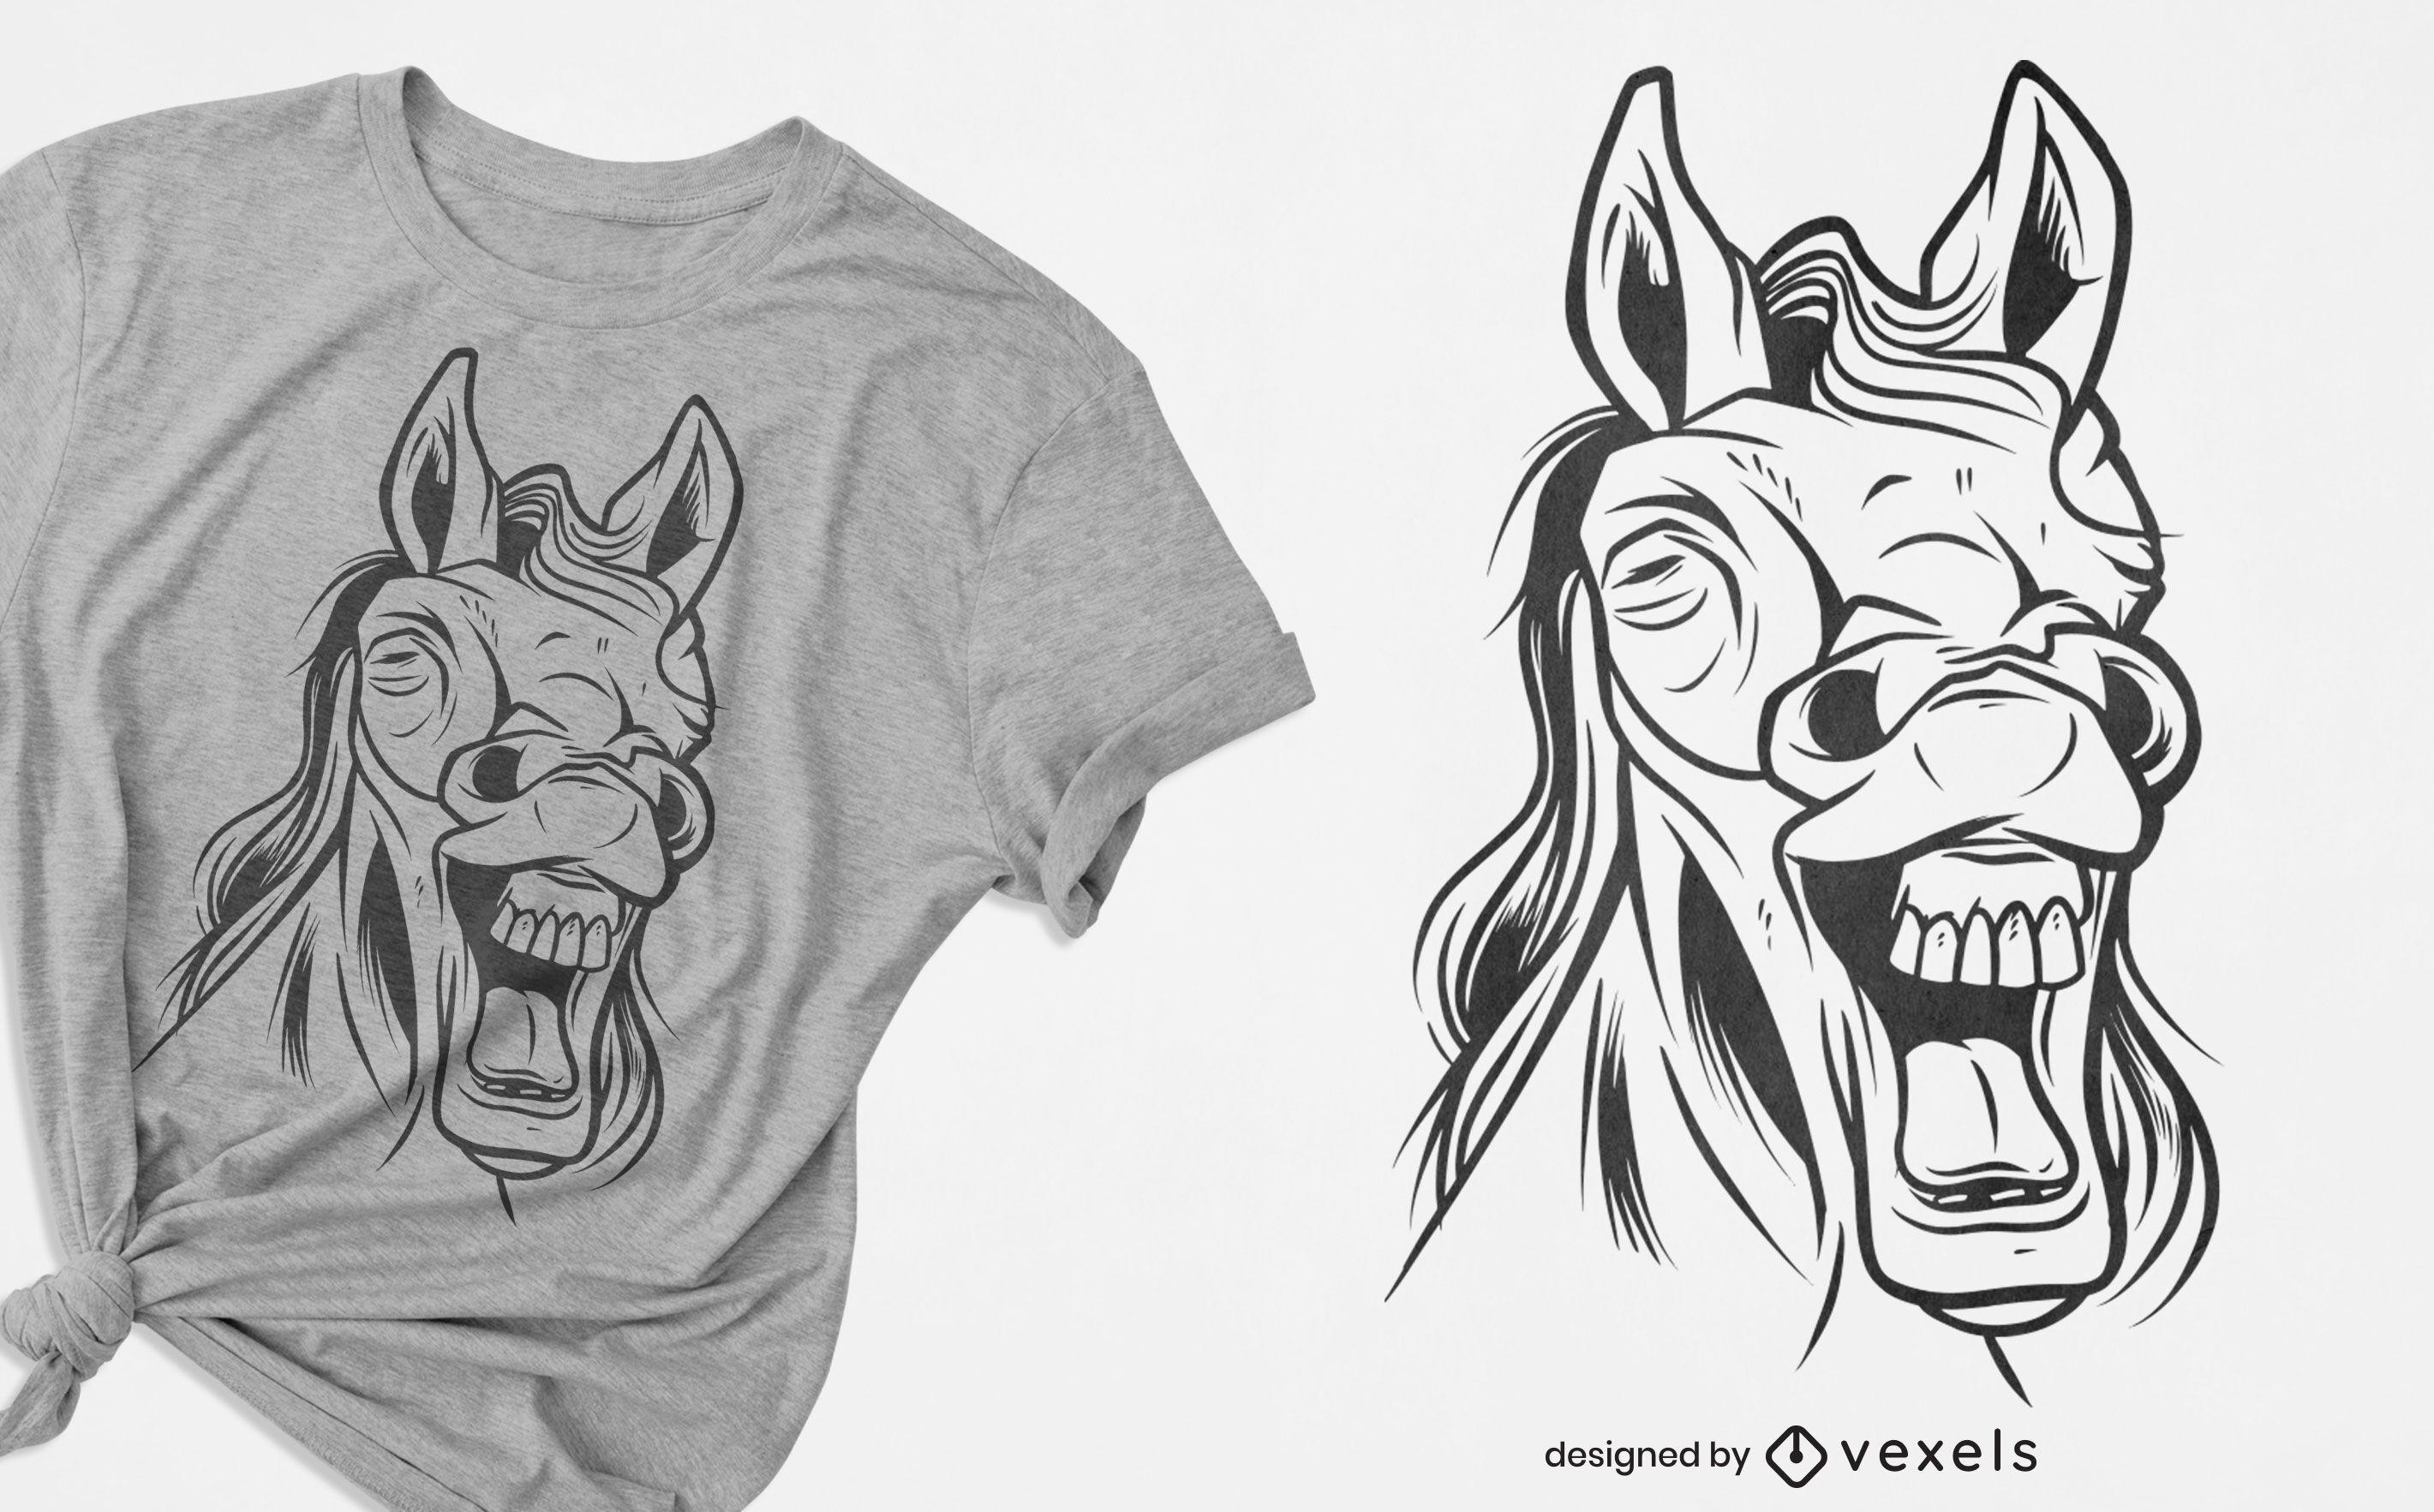 PEDIDO Design de camiseta do cavalo risonho